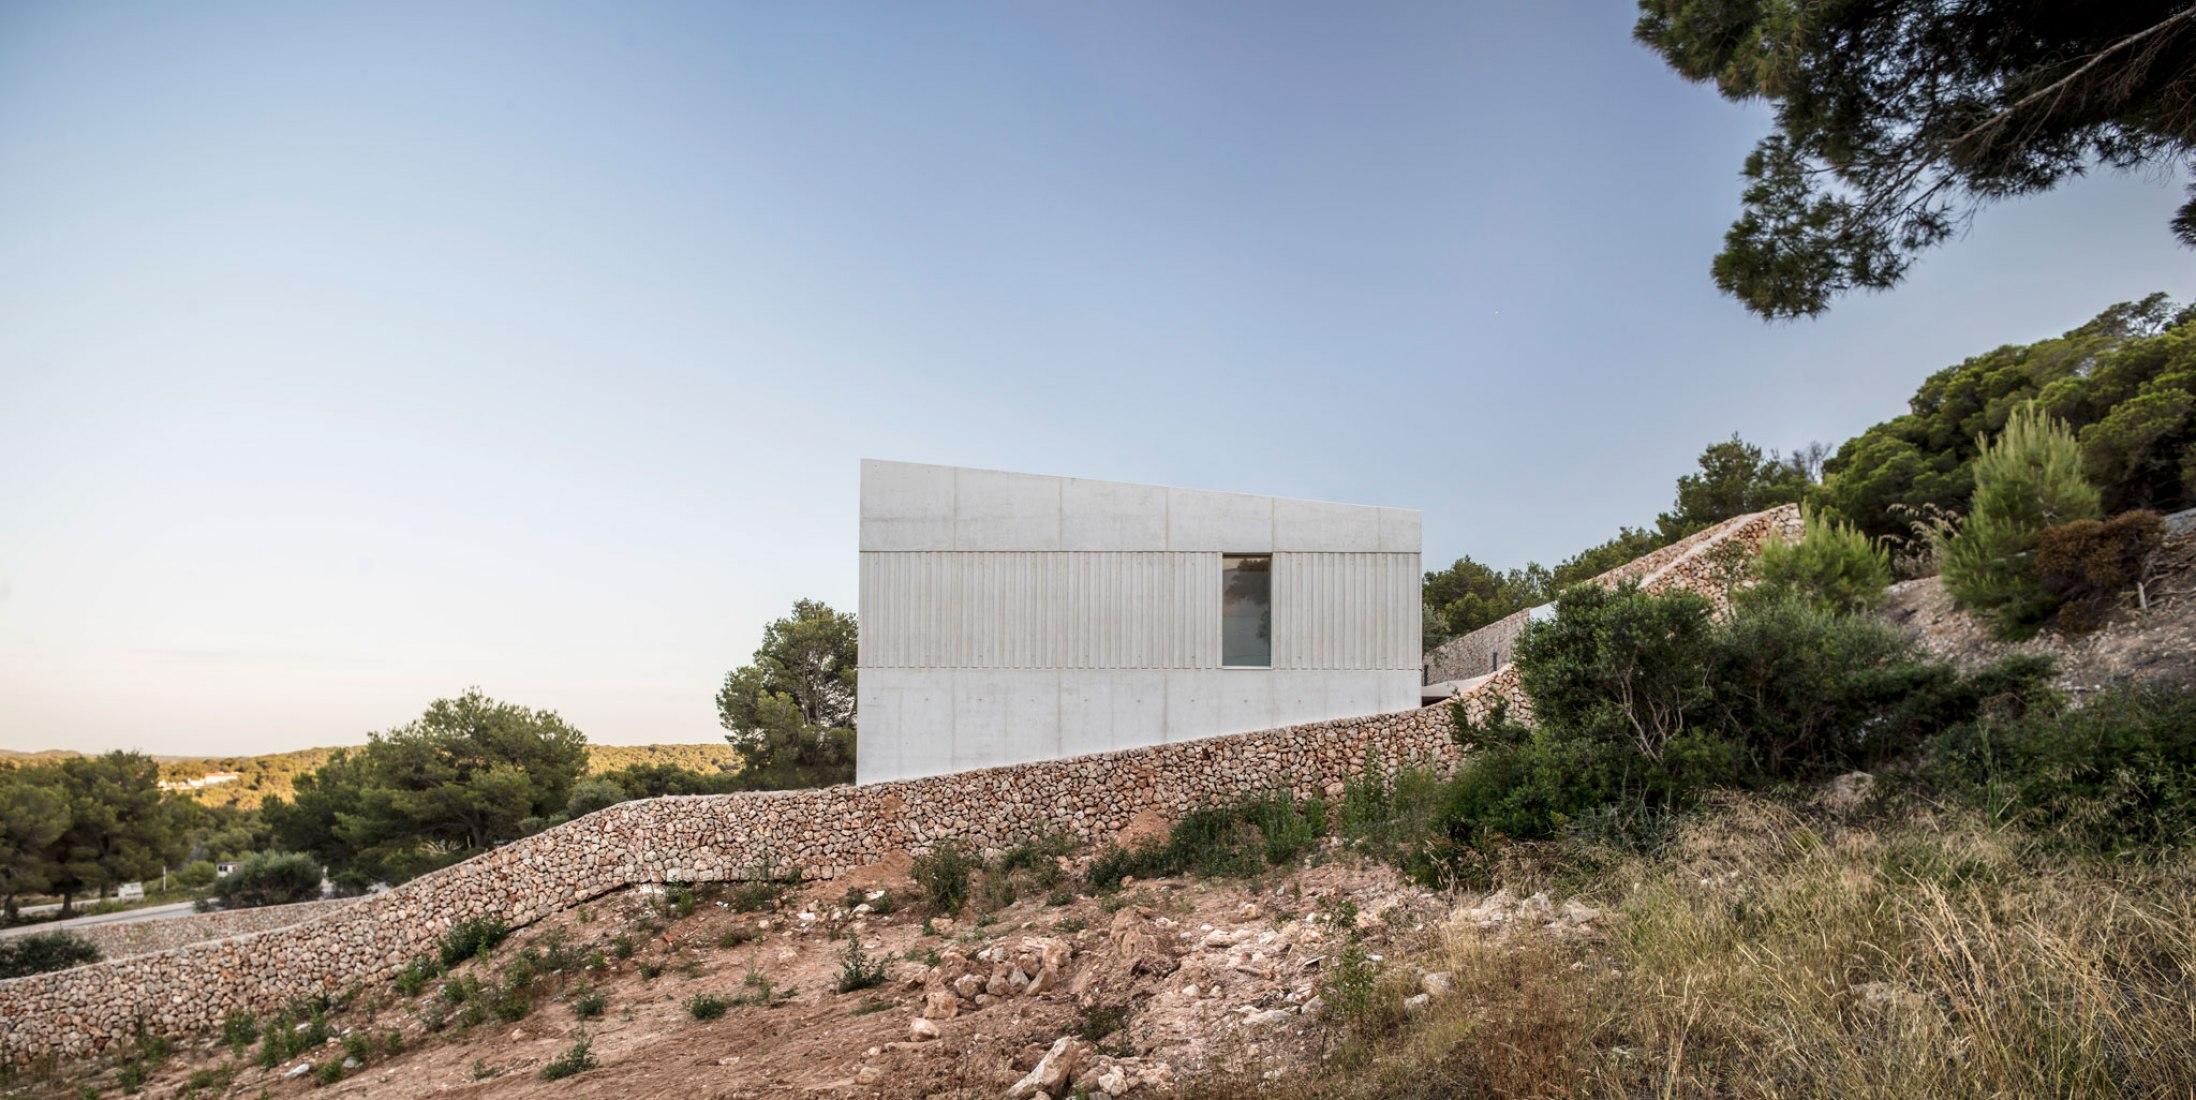 Frame House por Nomo Studio. Fotografía por Adrià Goula.